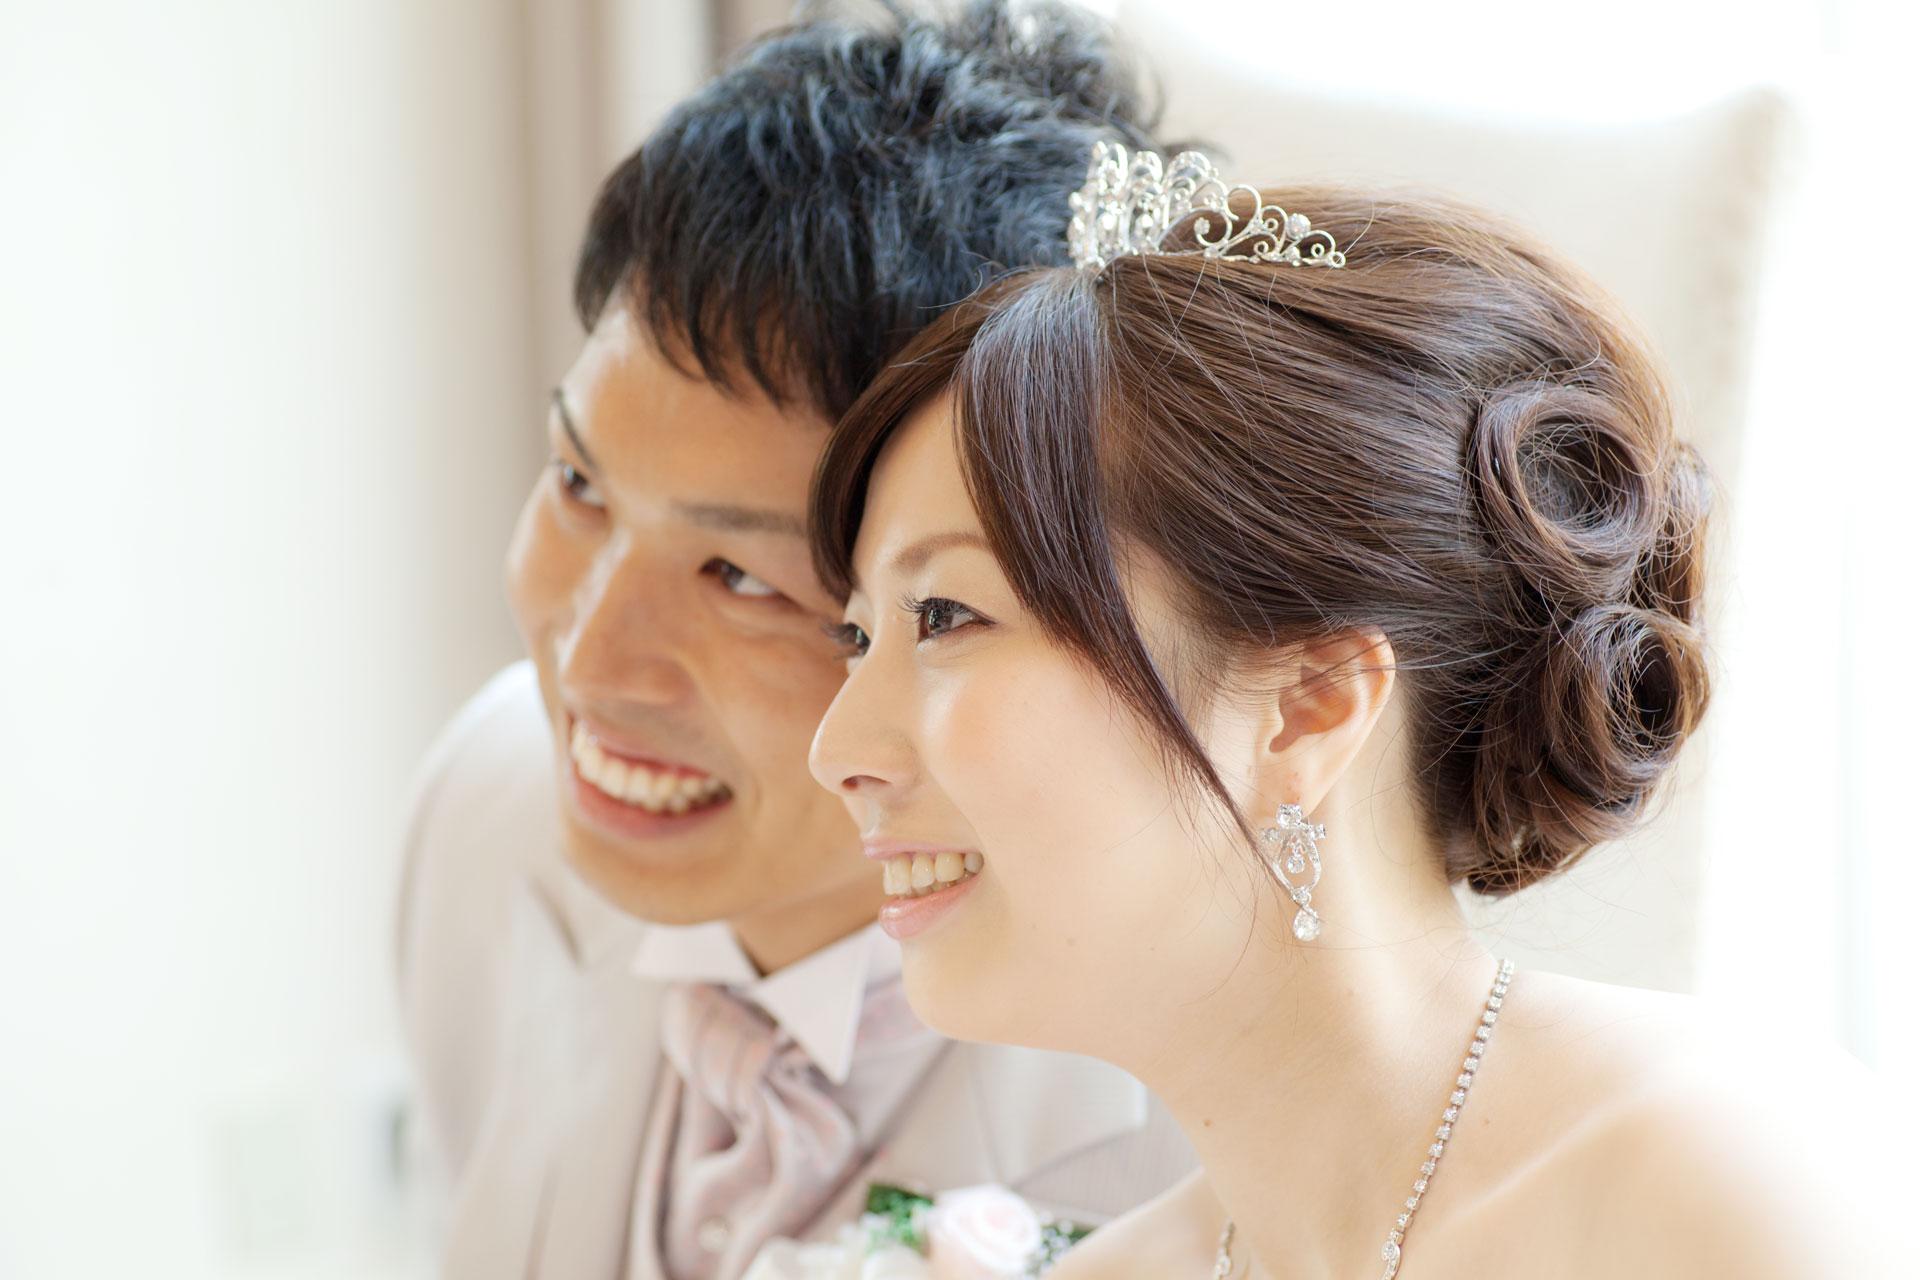 愛知県一宮市の結婚相談所アイシンマリアージュイメージ3